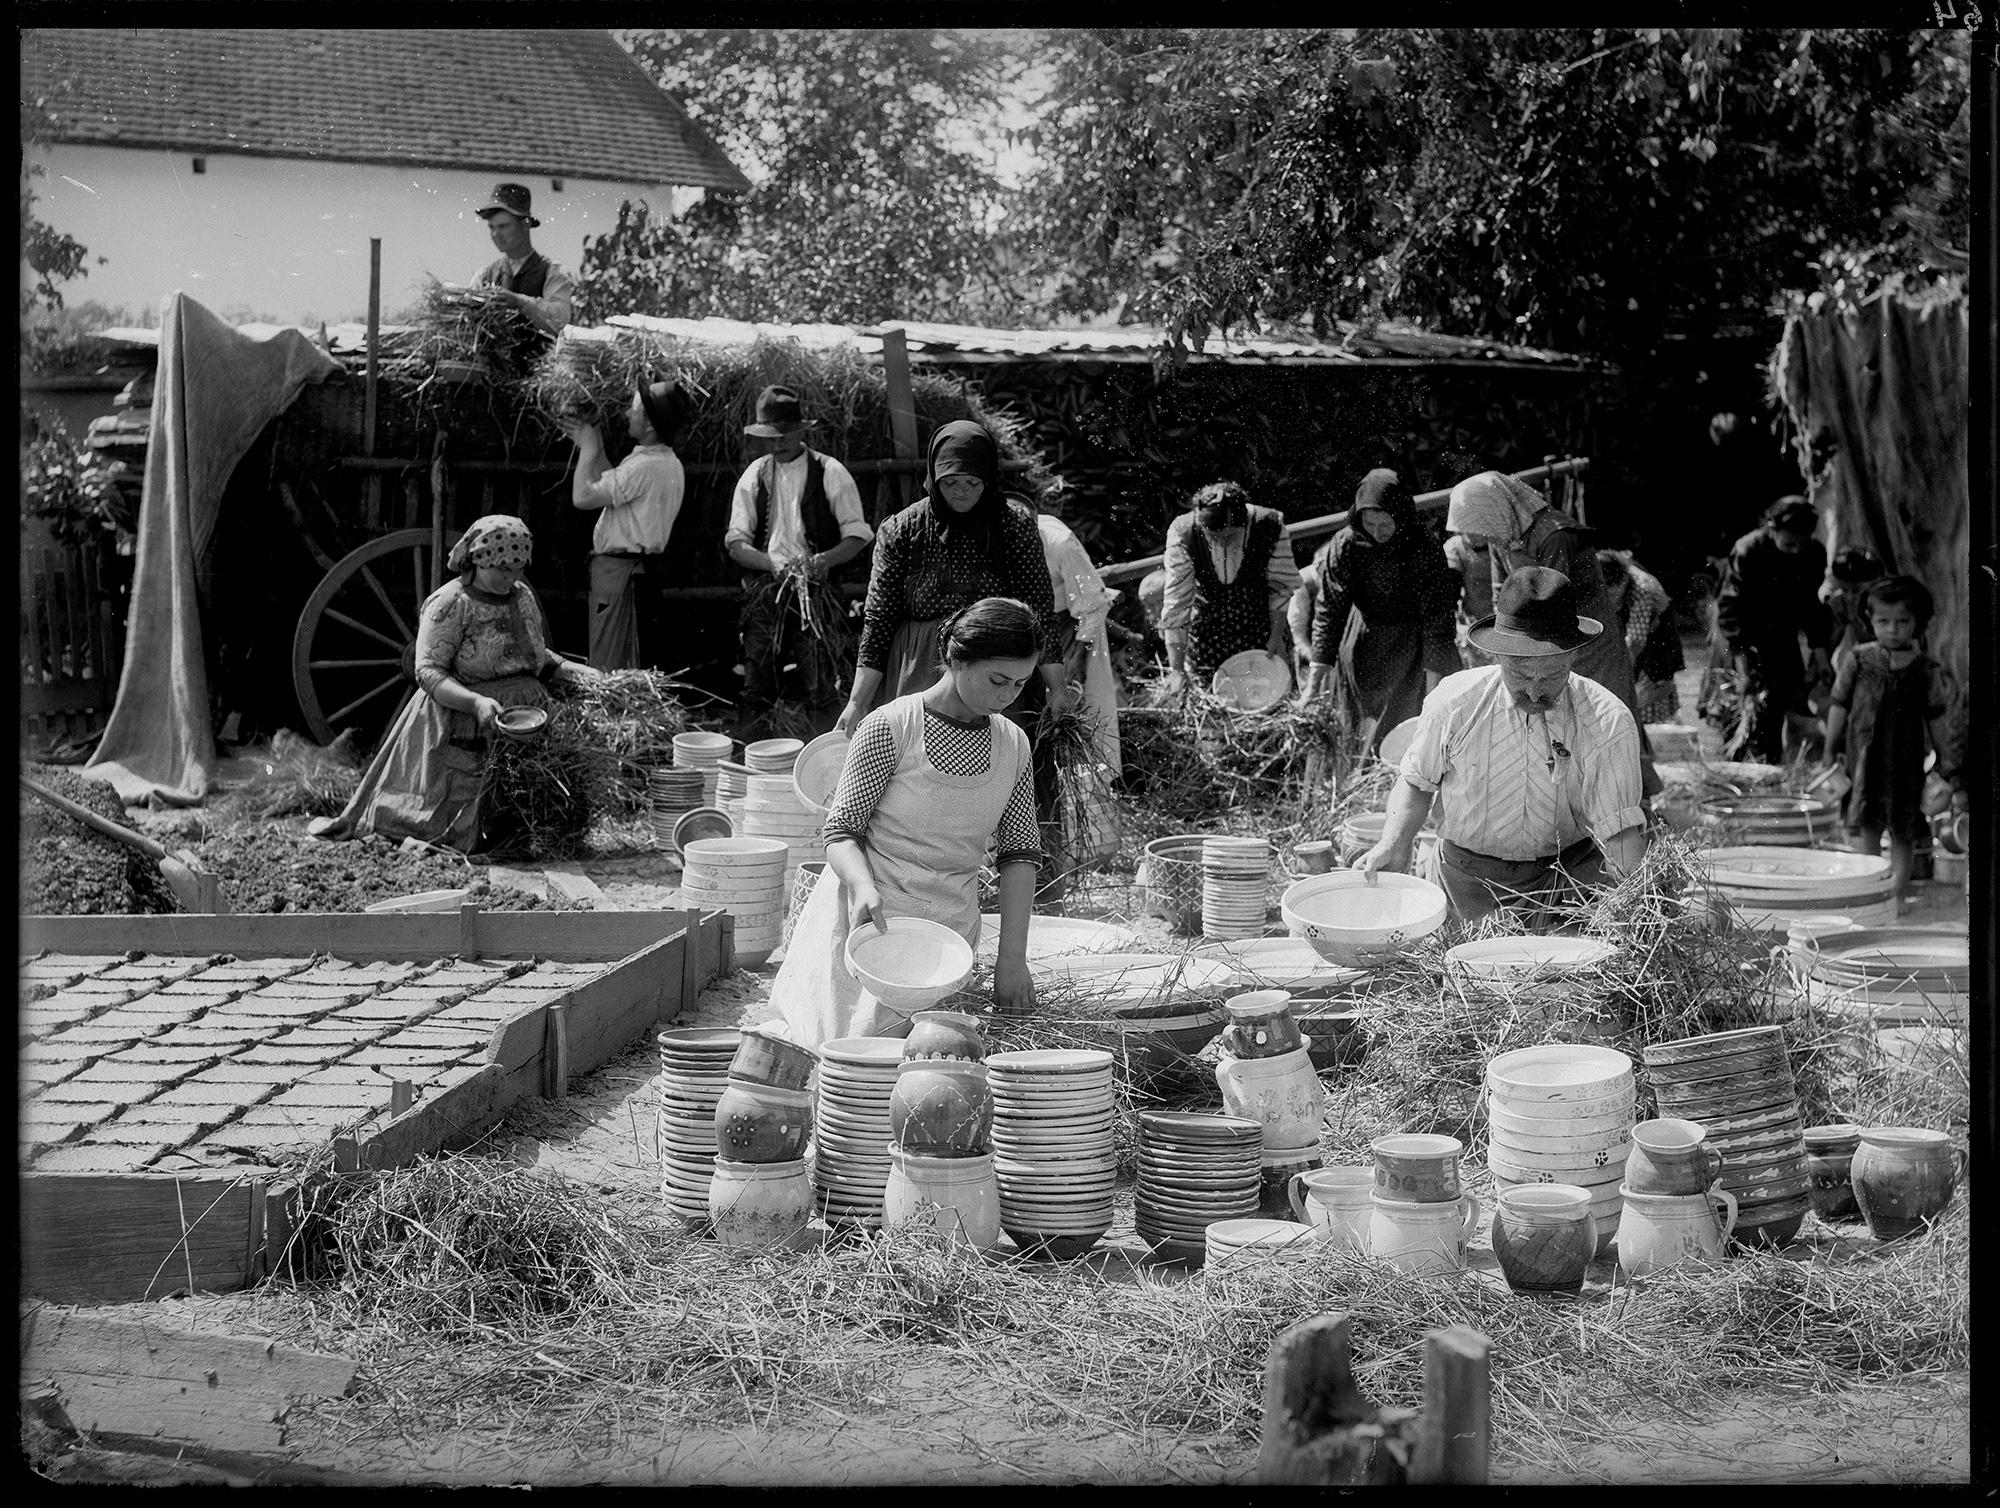 Fotó: Plohn József: Gazolás. A tálasedény előkészítése szállításra a Lázi-háznál a Kölcsey u. 56. sz. alatt. © Tornyai János Múzeum gyűjteménye, Hódmezővásárhely